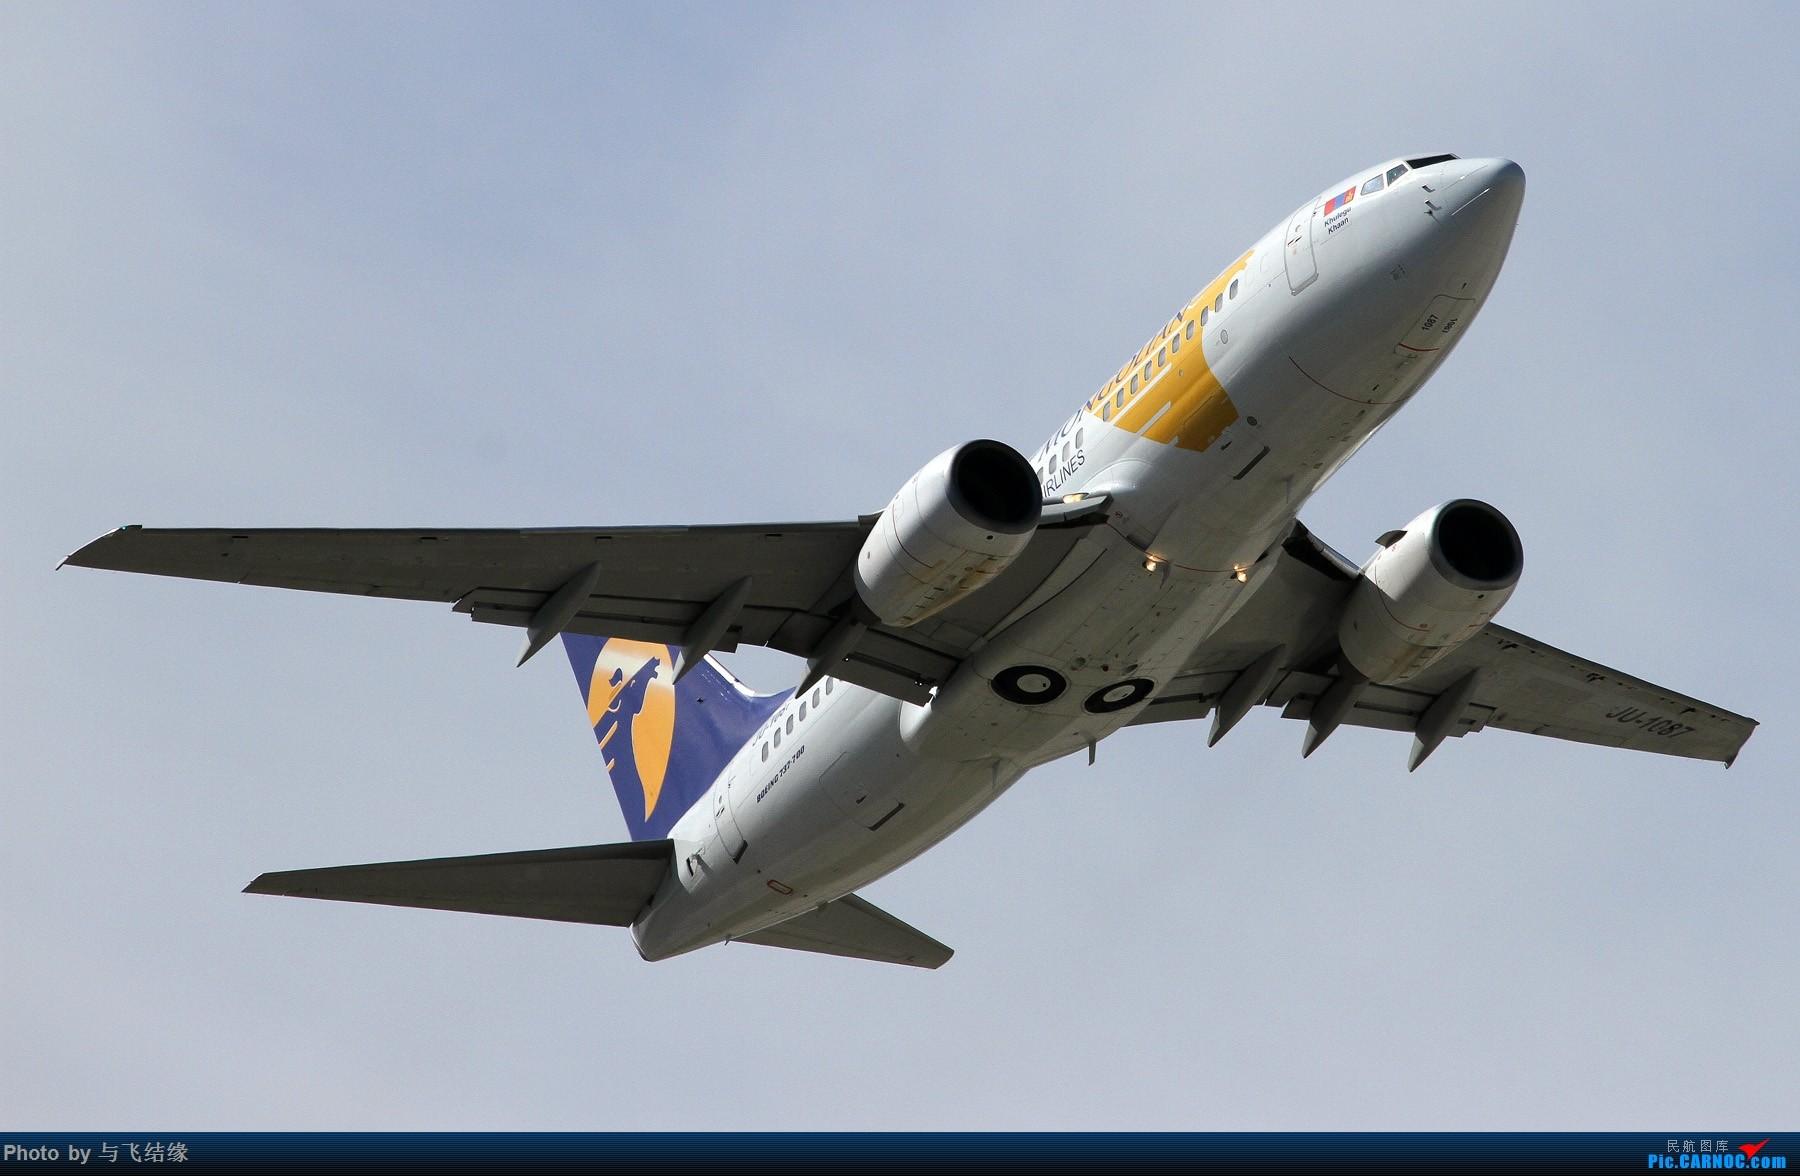 蒙古航空737-700两图!